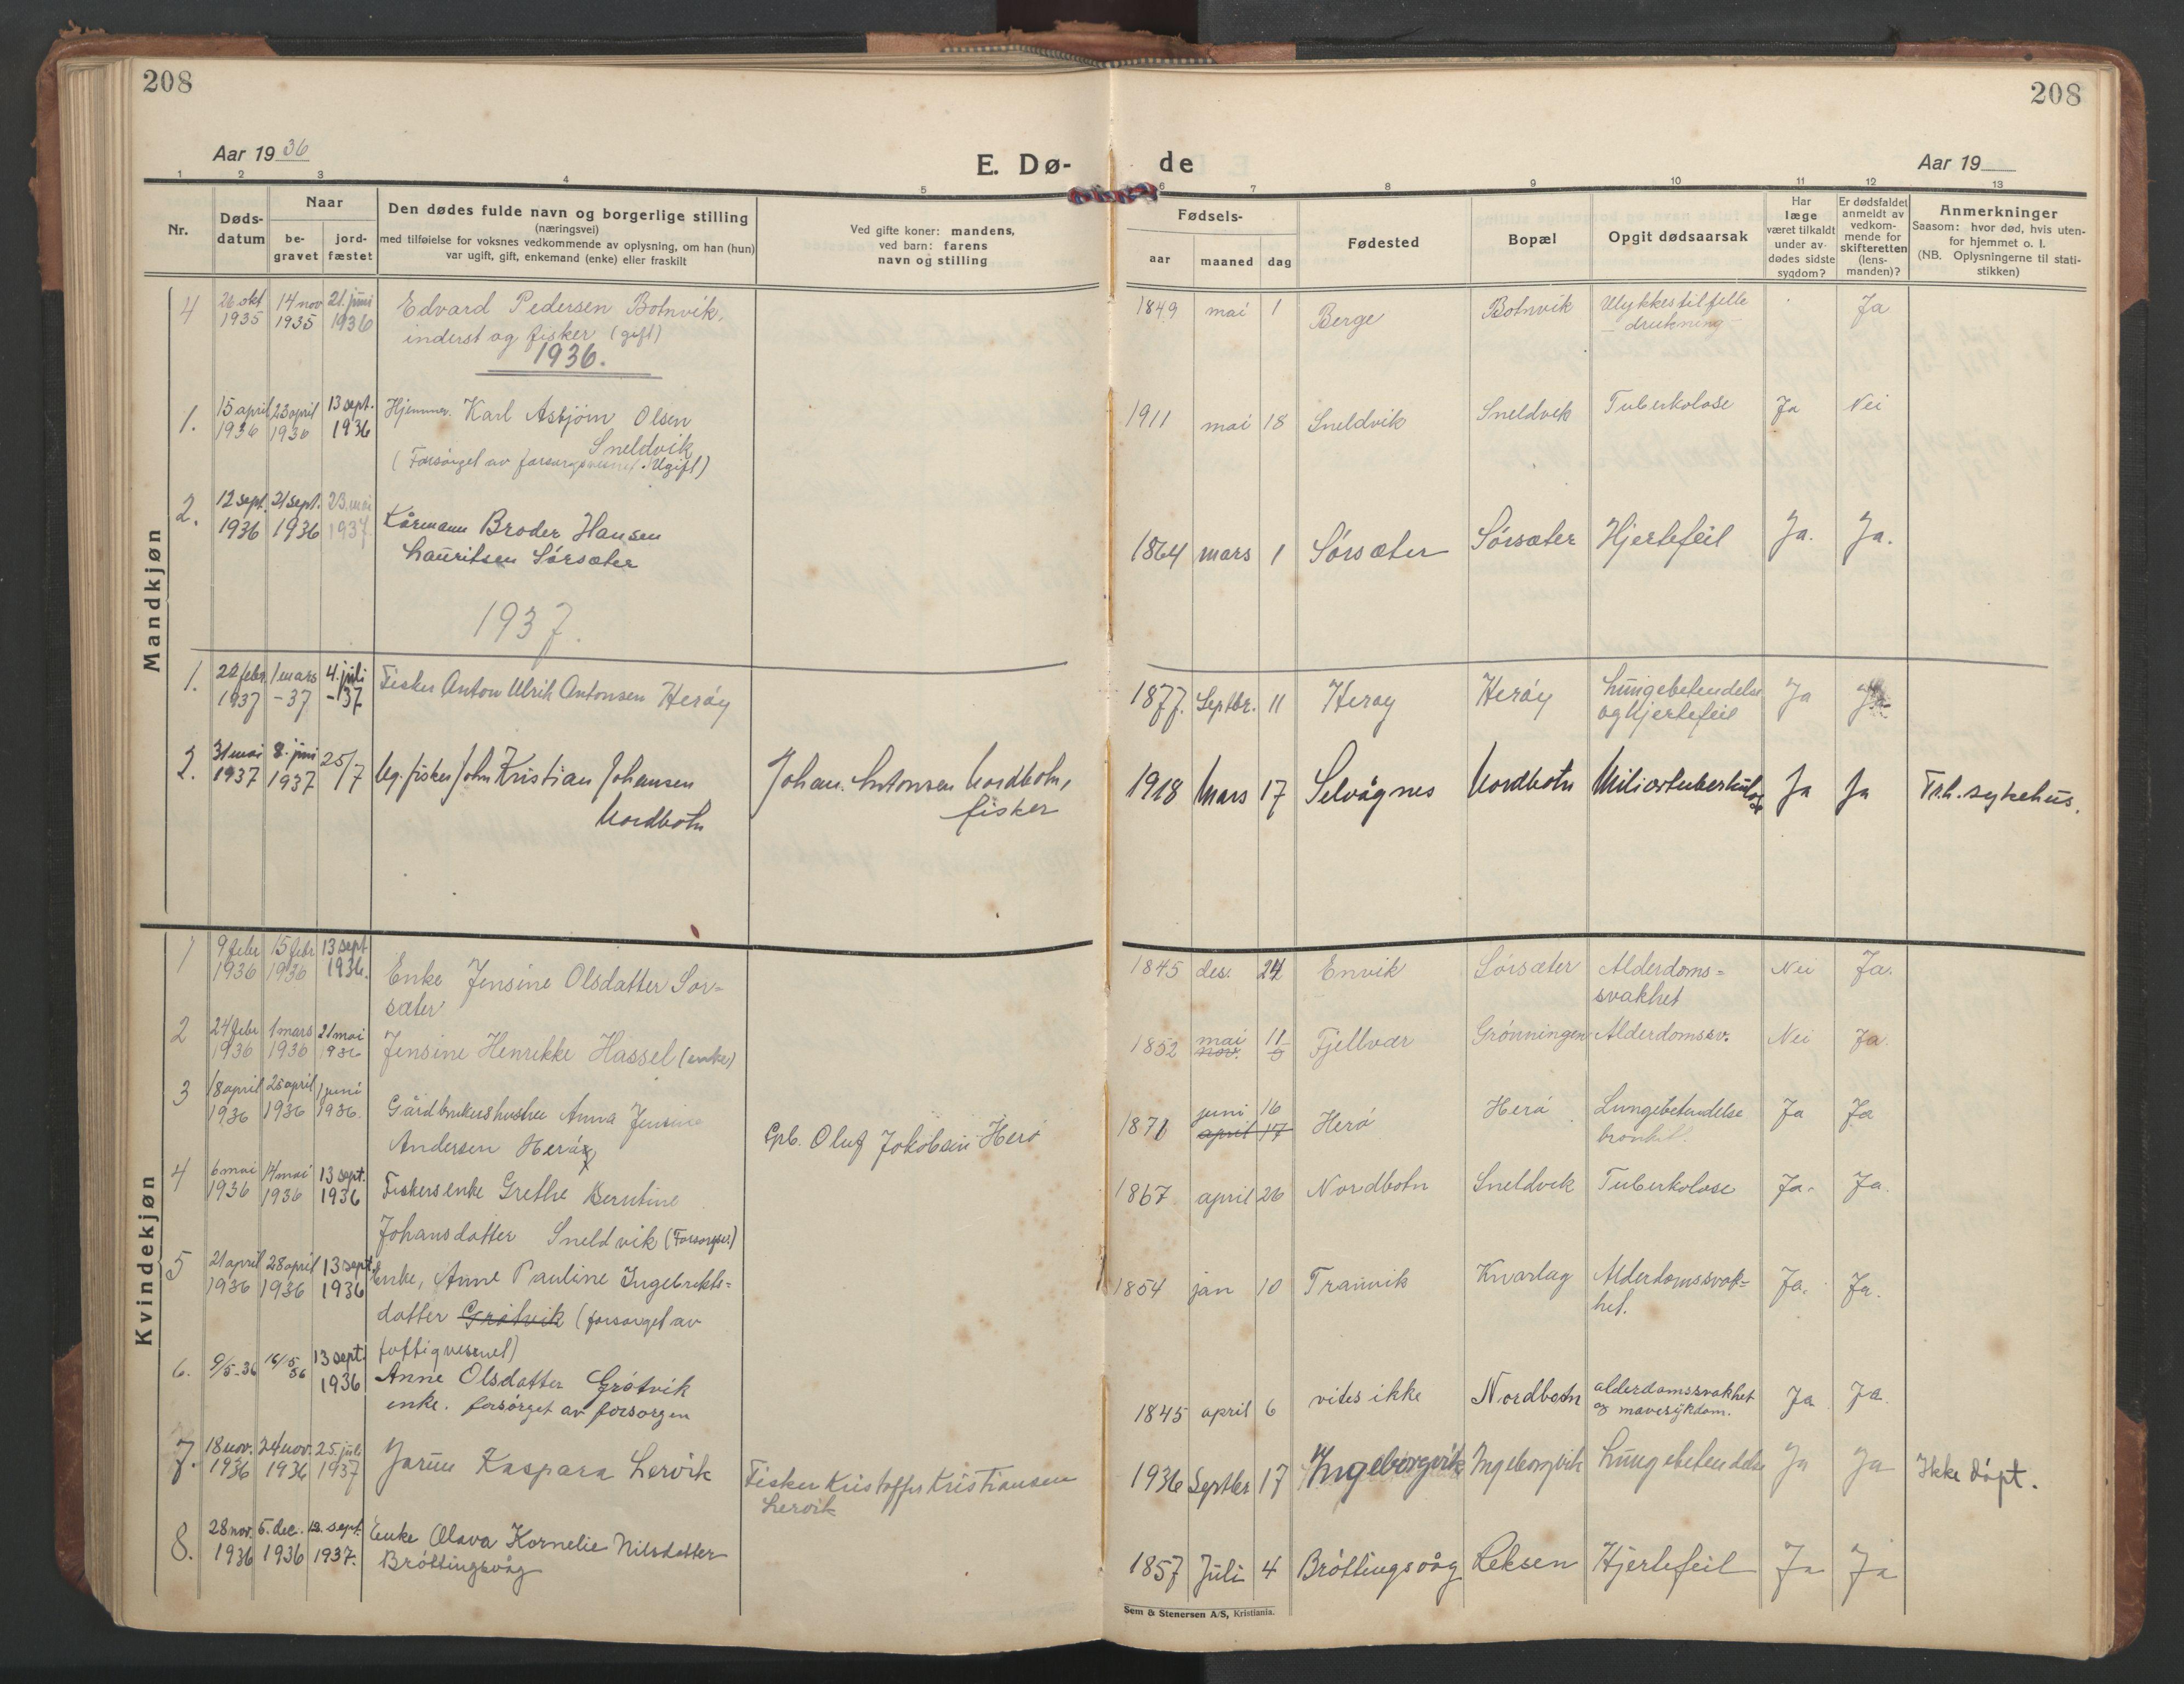 SAT, Ministerialprotokoller, klokkerbøker og fødselsregistre - Sør-Trøndelag, 638/L0569: Klokkerbok nr. 638C01, 1923-1961, s. 208